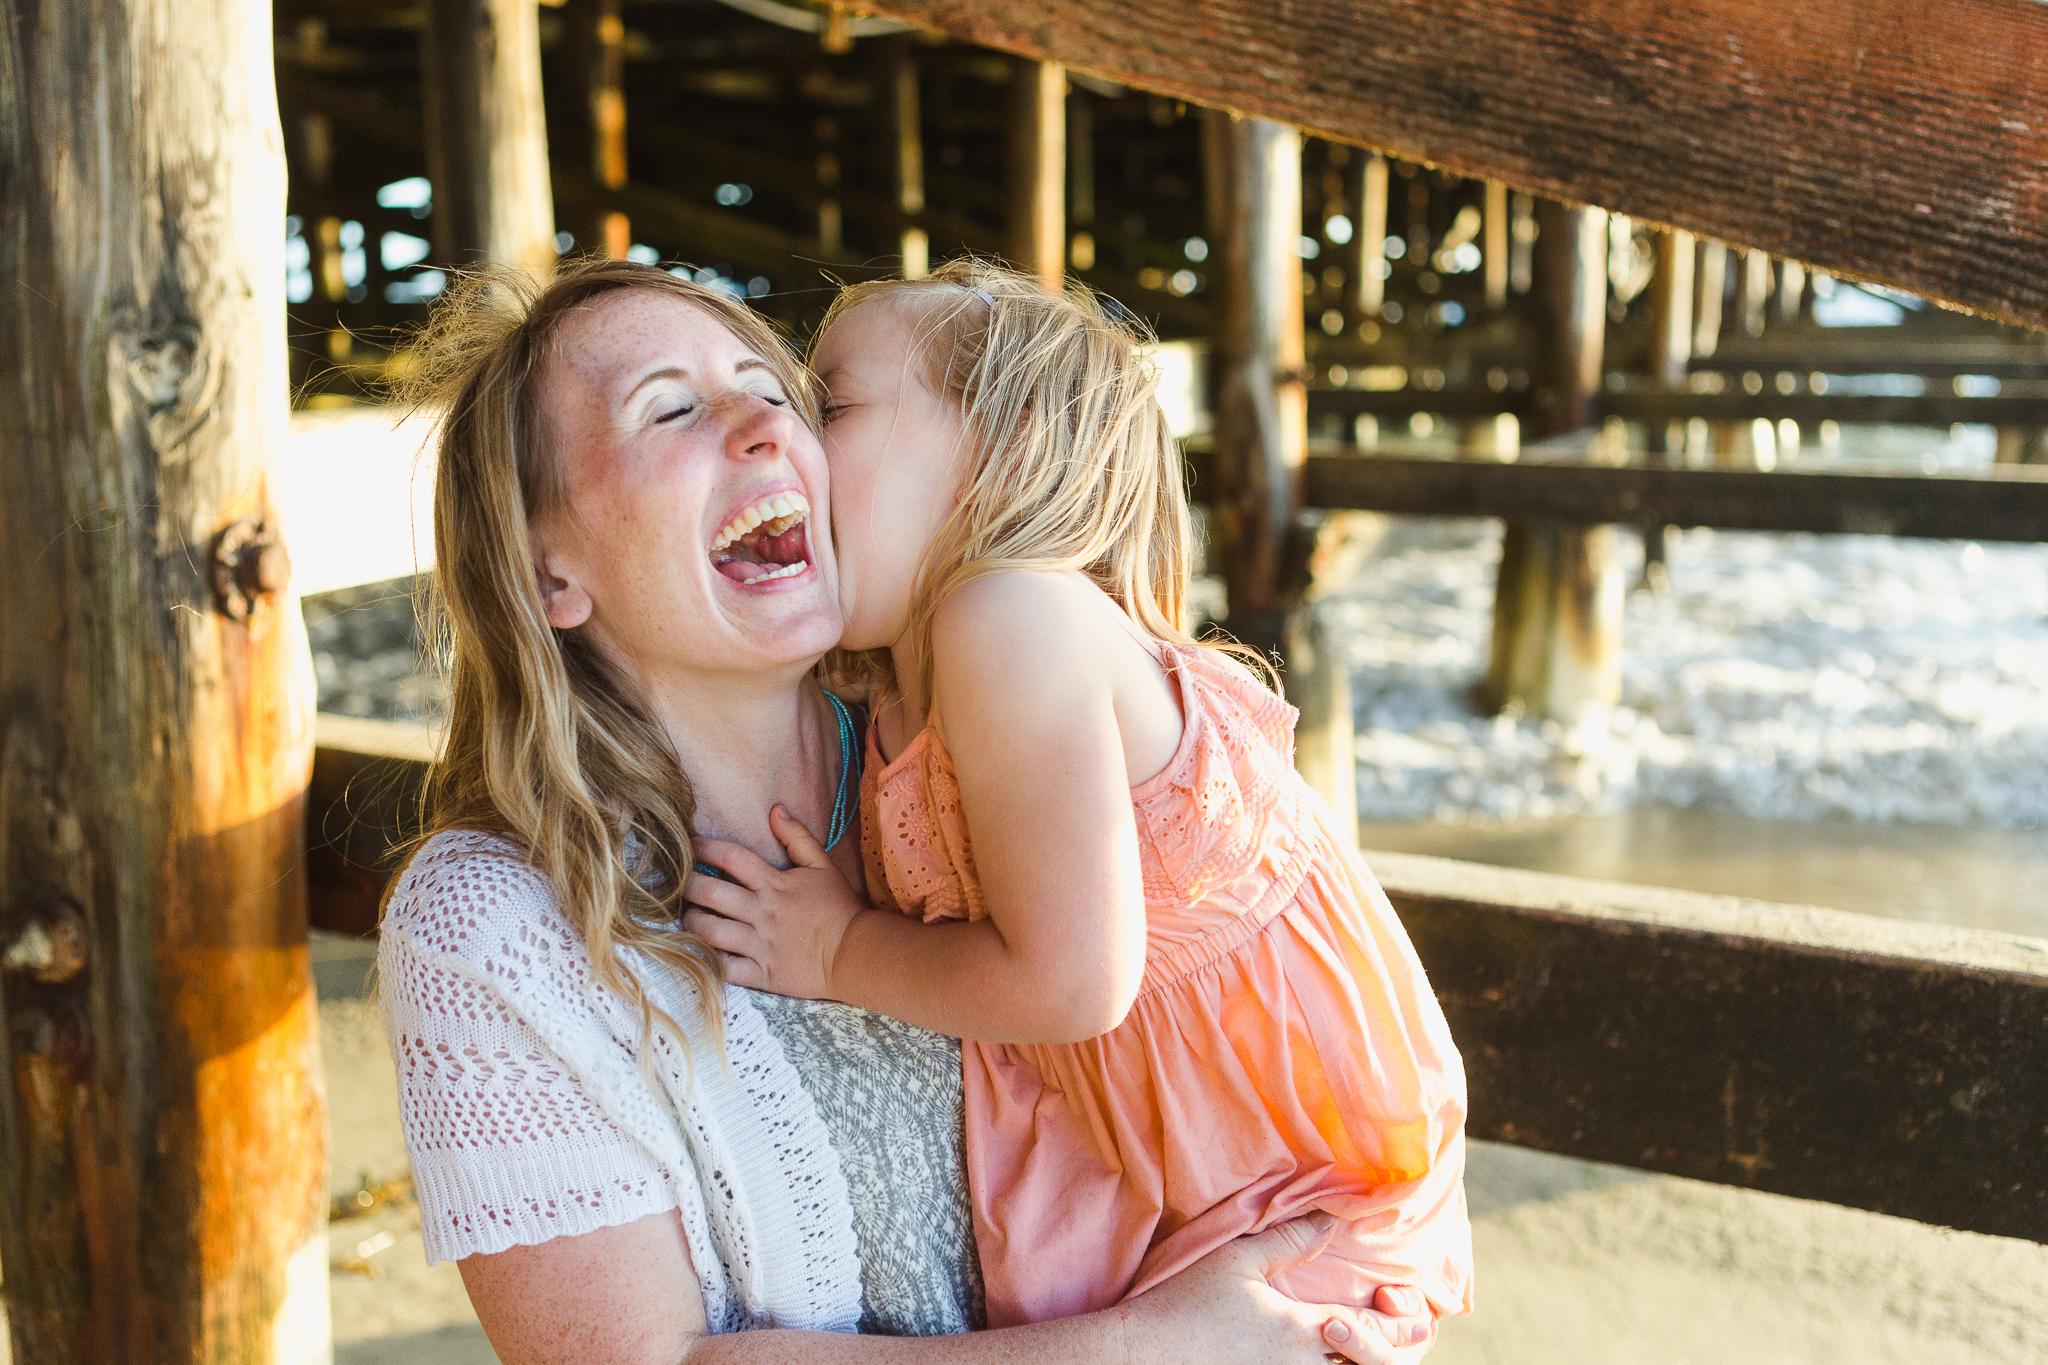 San-Diego-Photographer-Vacationing-Christine-Dammann-WS-GF-15.jpg